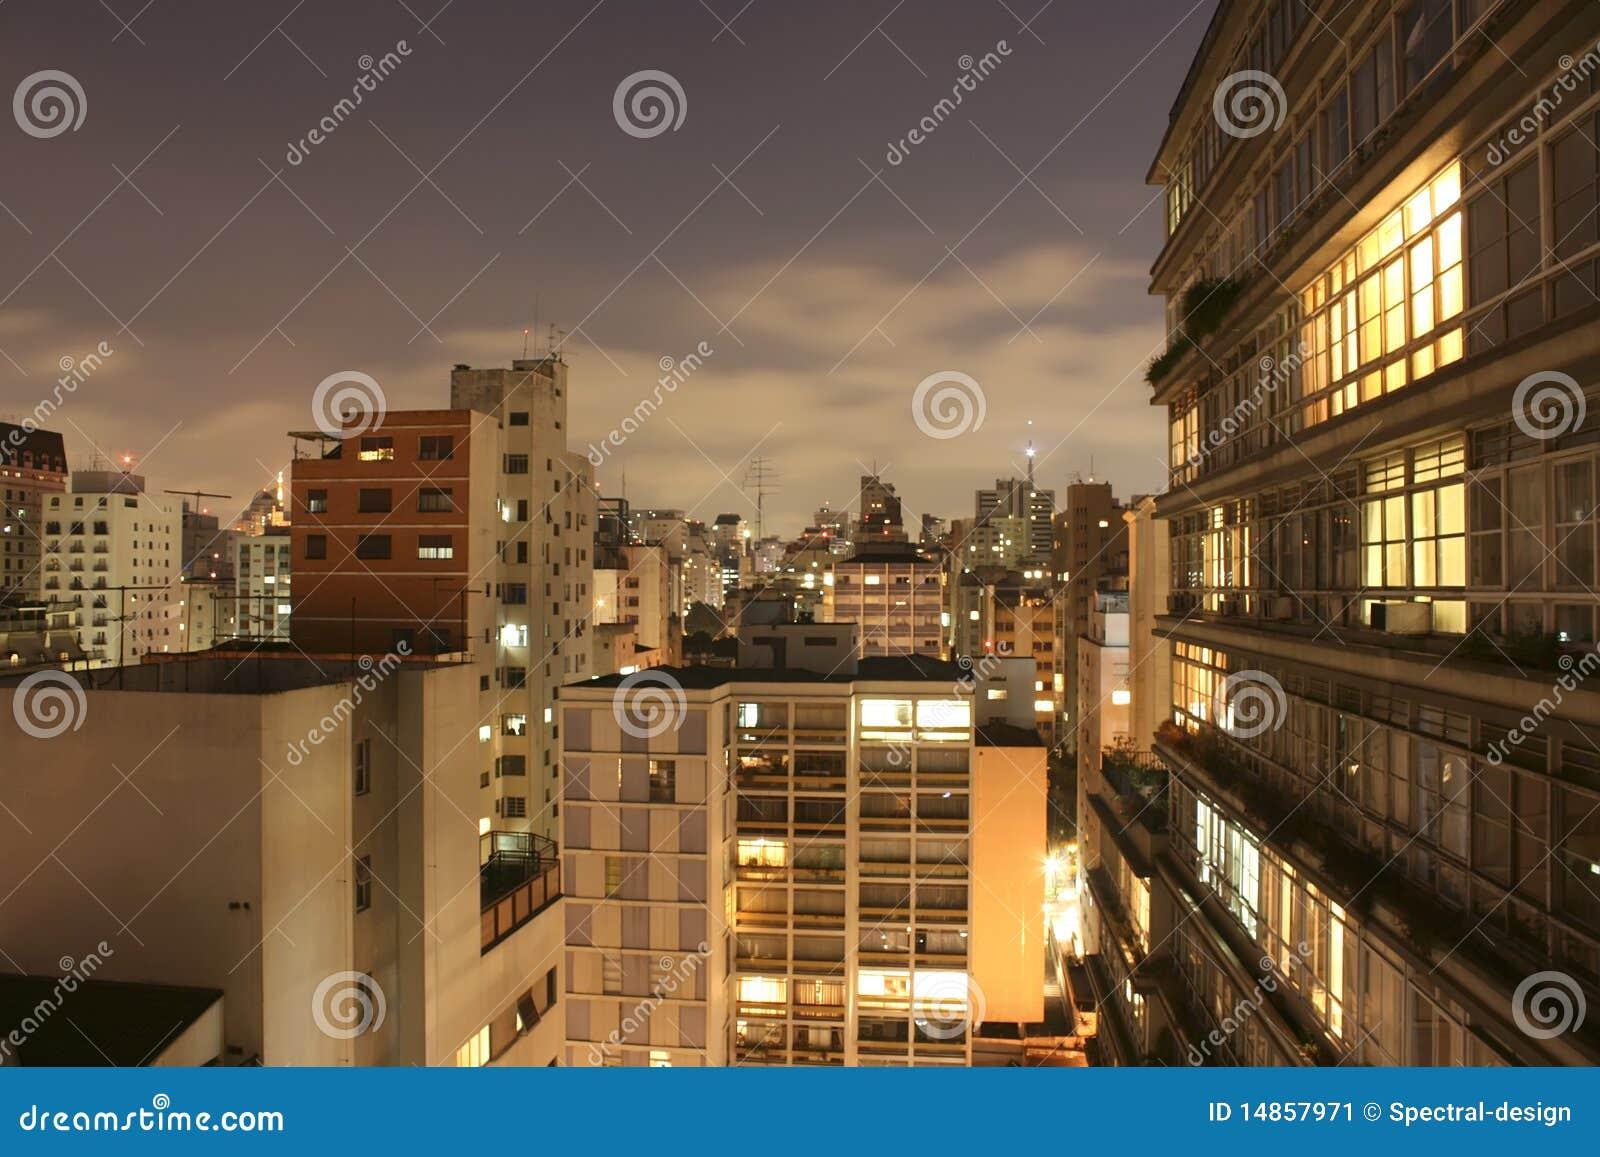 Sao Paulo Skyline at night